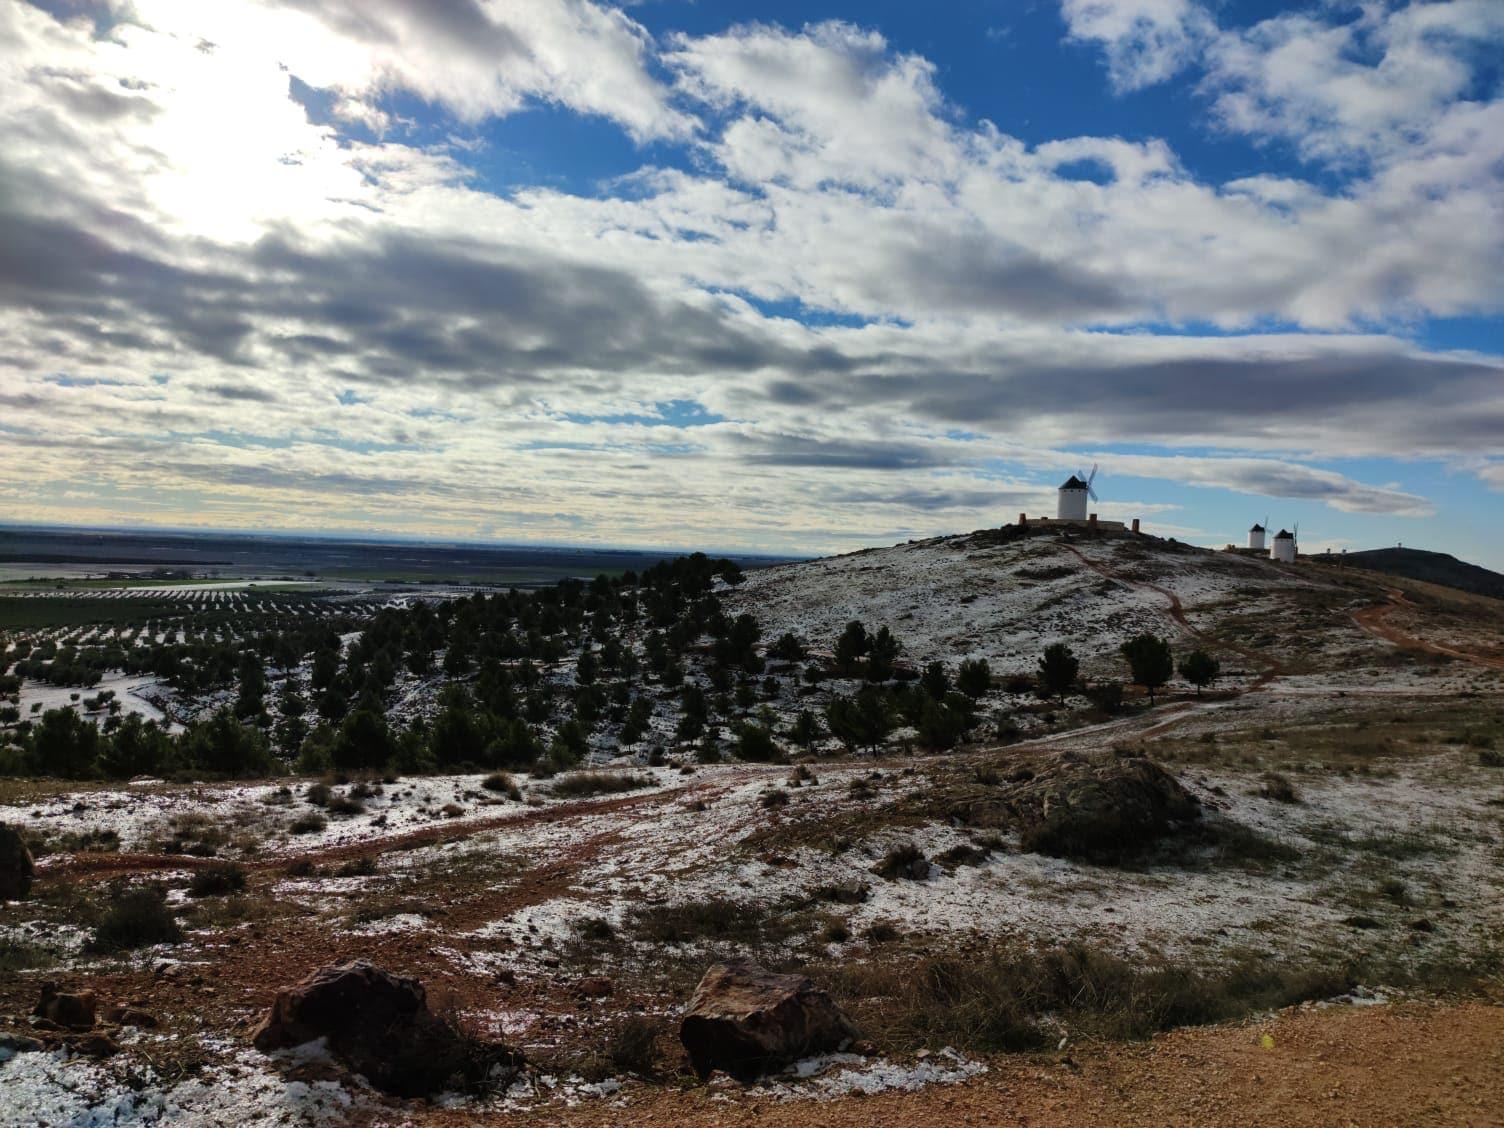 Castilla-La Mancha suspende las clases hasta el próximo lunes ante la previsión de fuertes nevadas 8